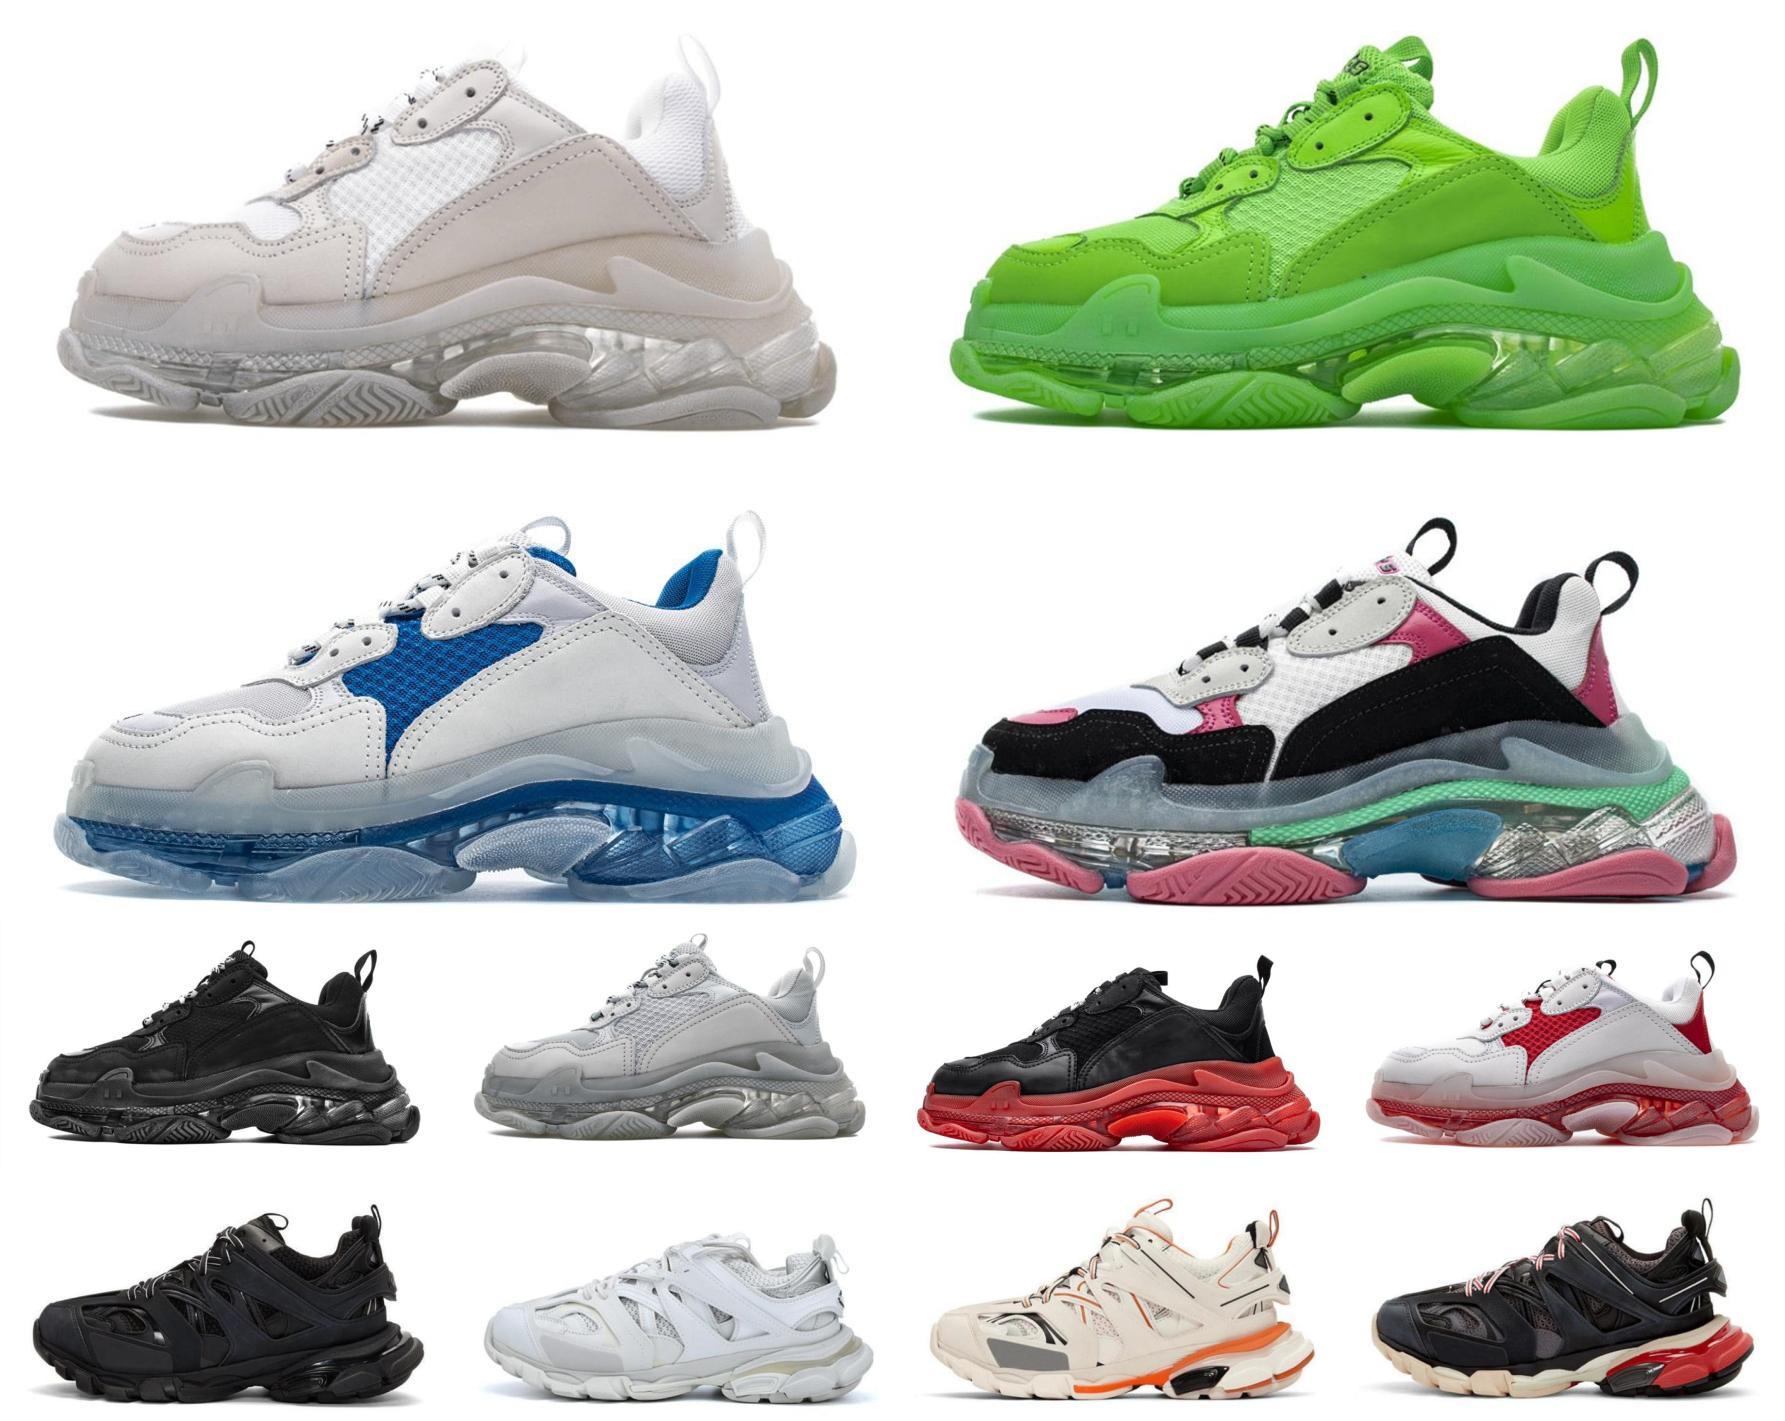 Balenciaga shoes Triple-s رجل مسار تنس عارضة أحذية رياضية 17FW الأحذية المباشرة عشاق العلامة التجارية الأخضر المرأة منصة واضح الوردي أبي الرياضة تيبلر